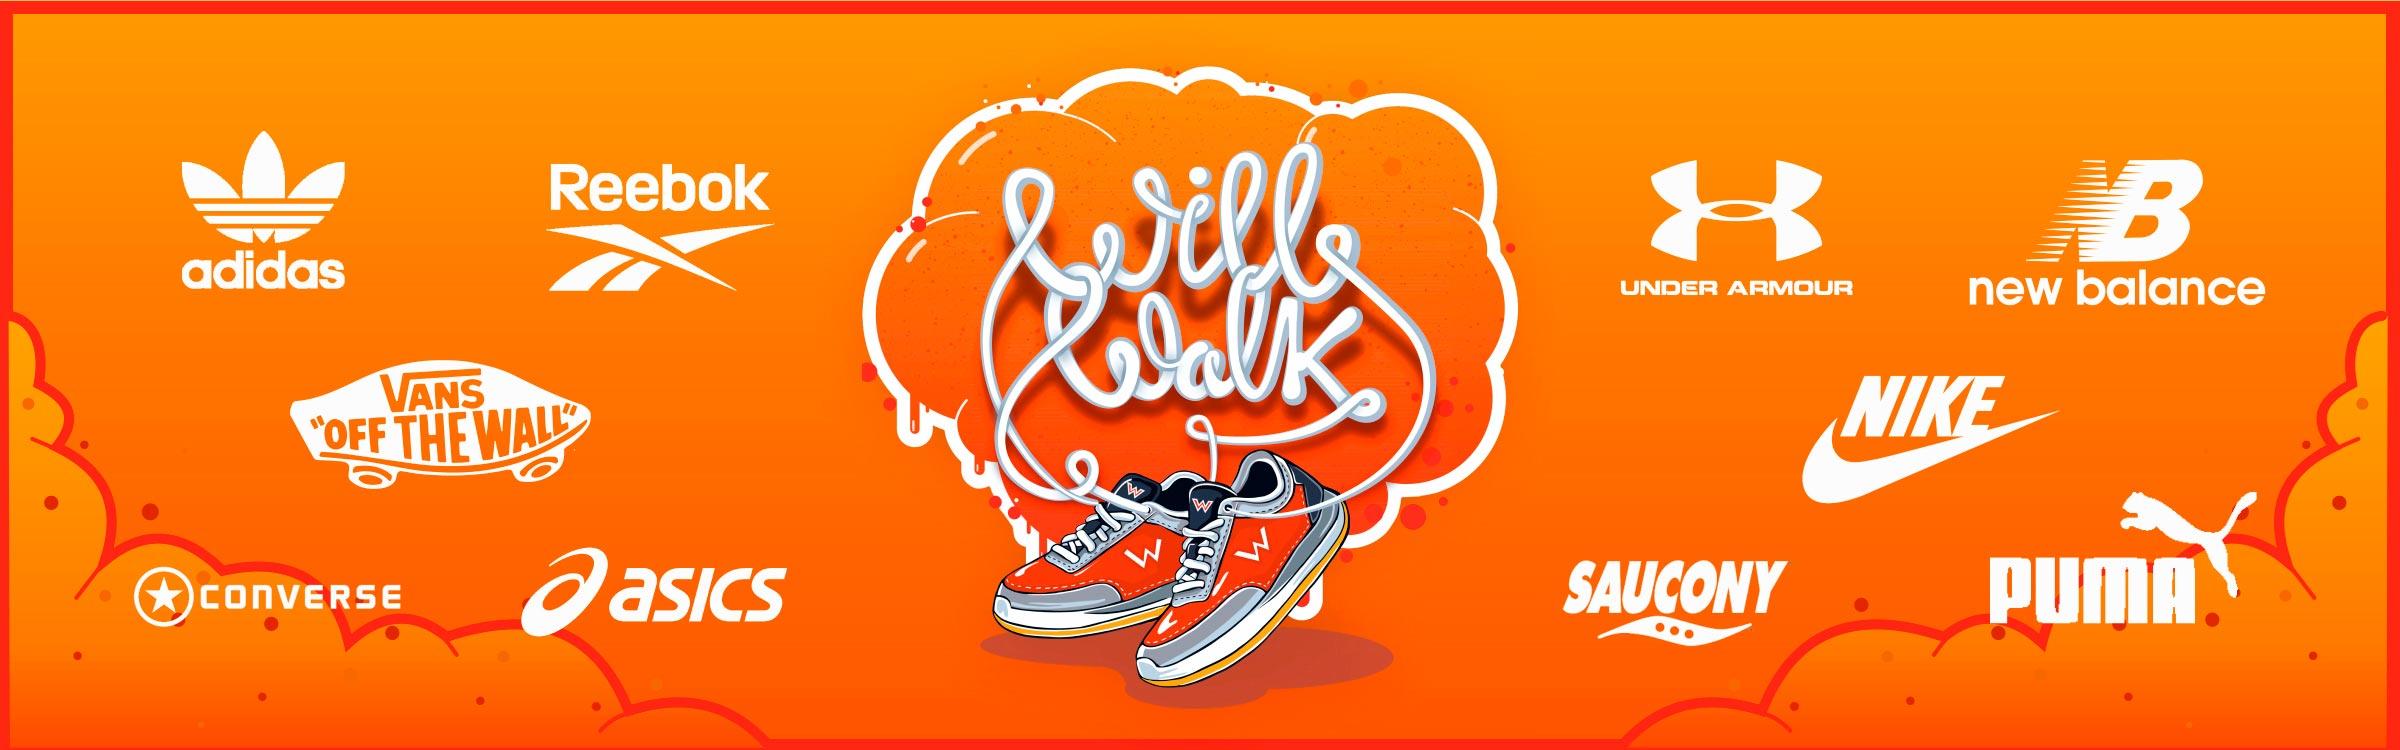 Обувь и аксессуары  'Will Walk - Обувь и аксессуары ' в Смоленске. Главная страница